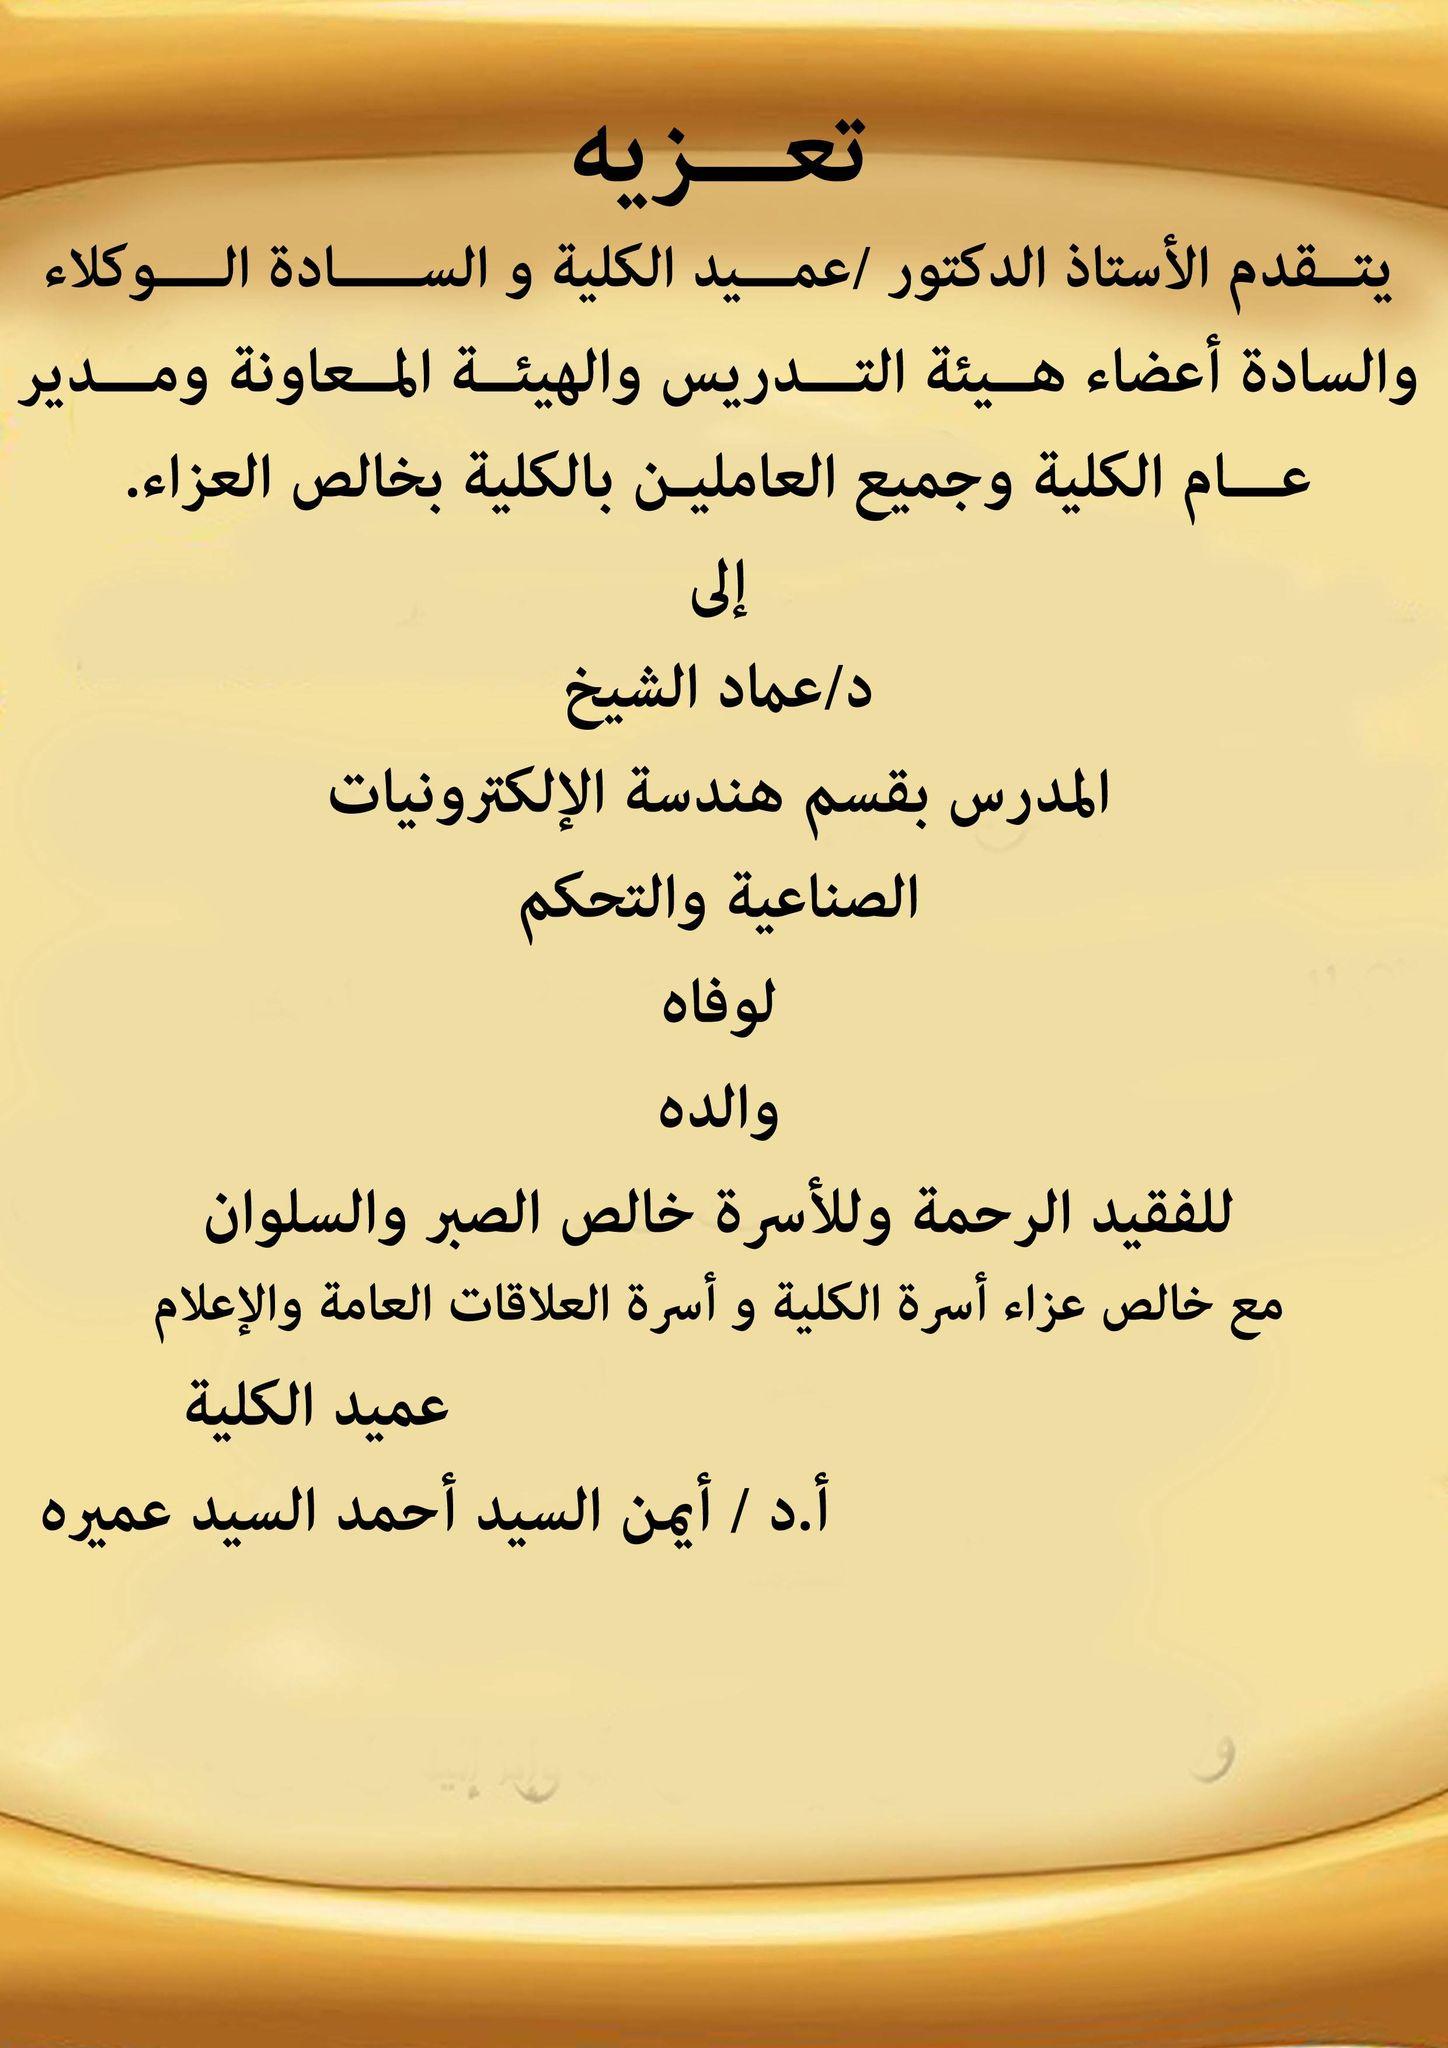 تعزية واجبة إلى د / عماد الشيخ